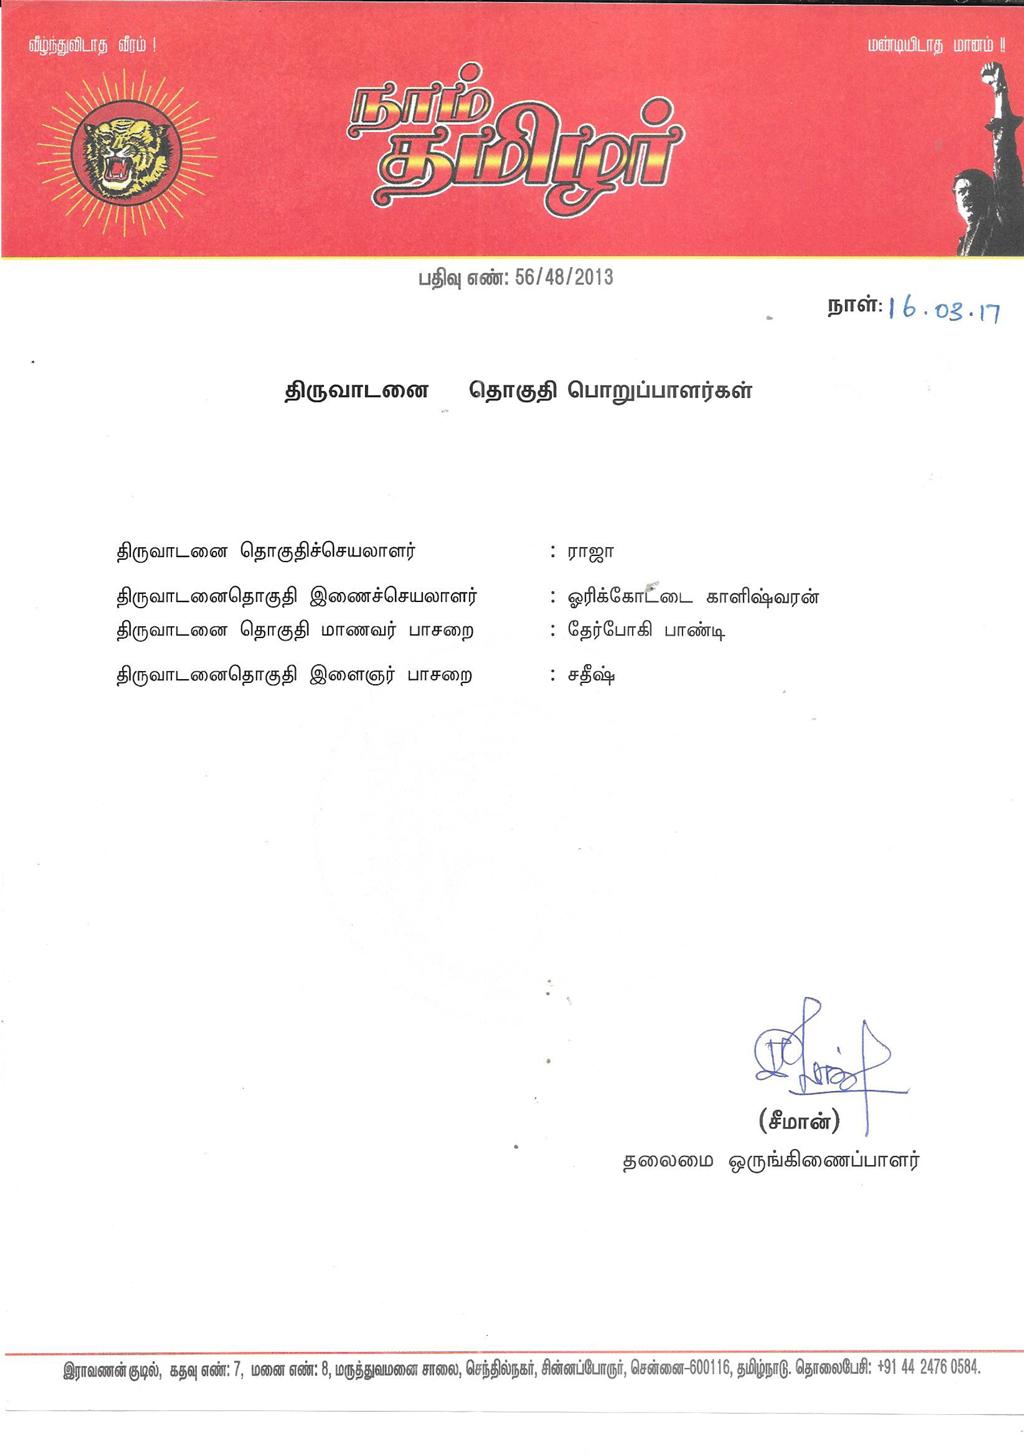 16-03-2017 இராமநாதபுரம் மாவட்டப் பொறுப்பாளர்கள் – தலைமை அறிவிப்பு thiruvadanai constituency